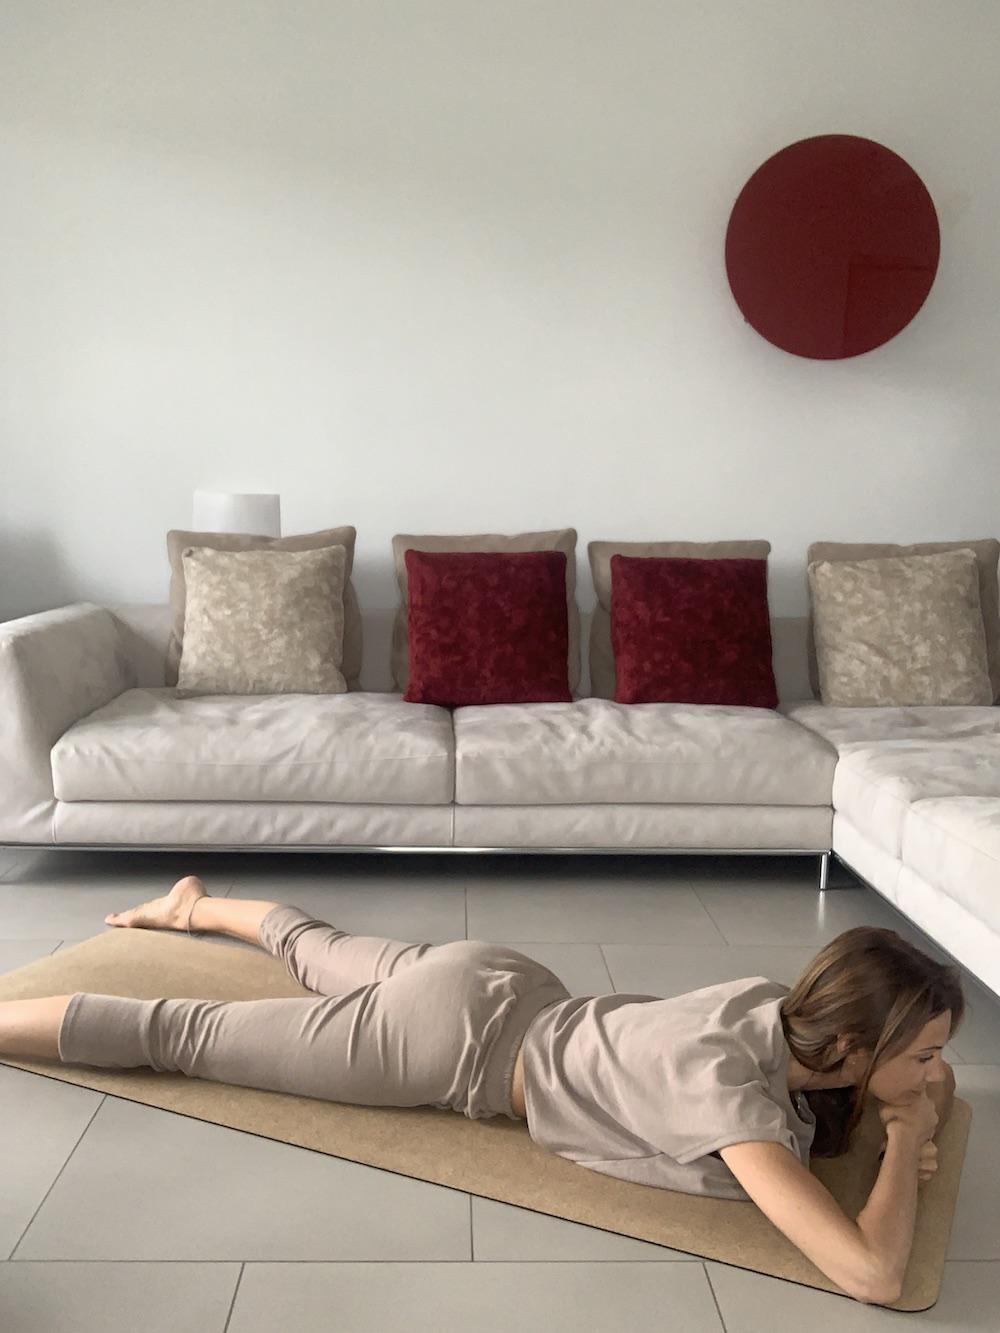 posizione-del-coccodrillo-per-combattere- l'-insonnia- con- lo -Yoga